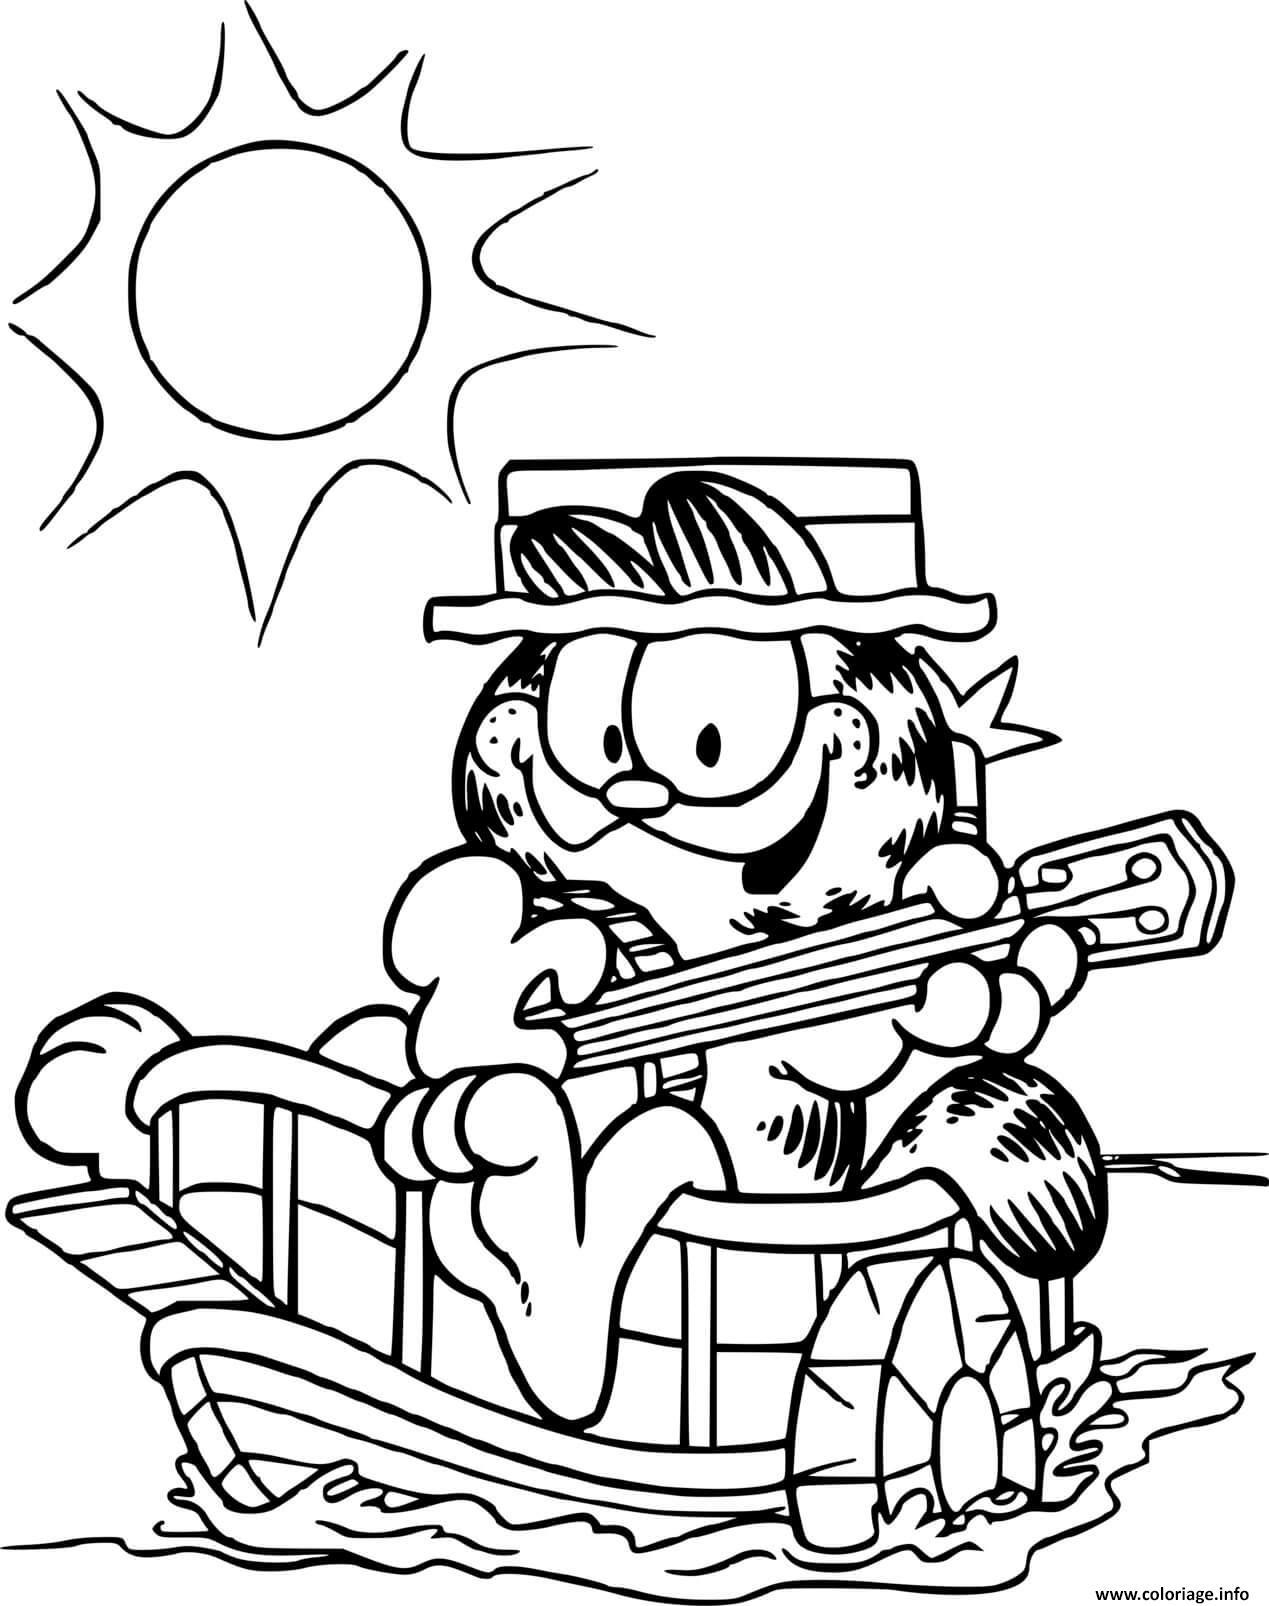 Dessin Garfield joue de la guitare sur son bateau Coloriage Gratuit à Imprimer